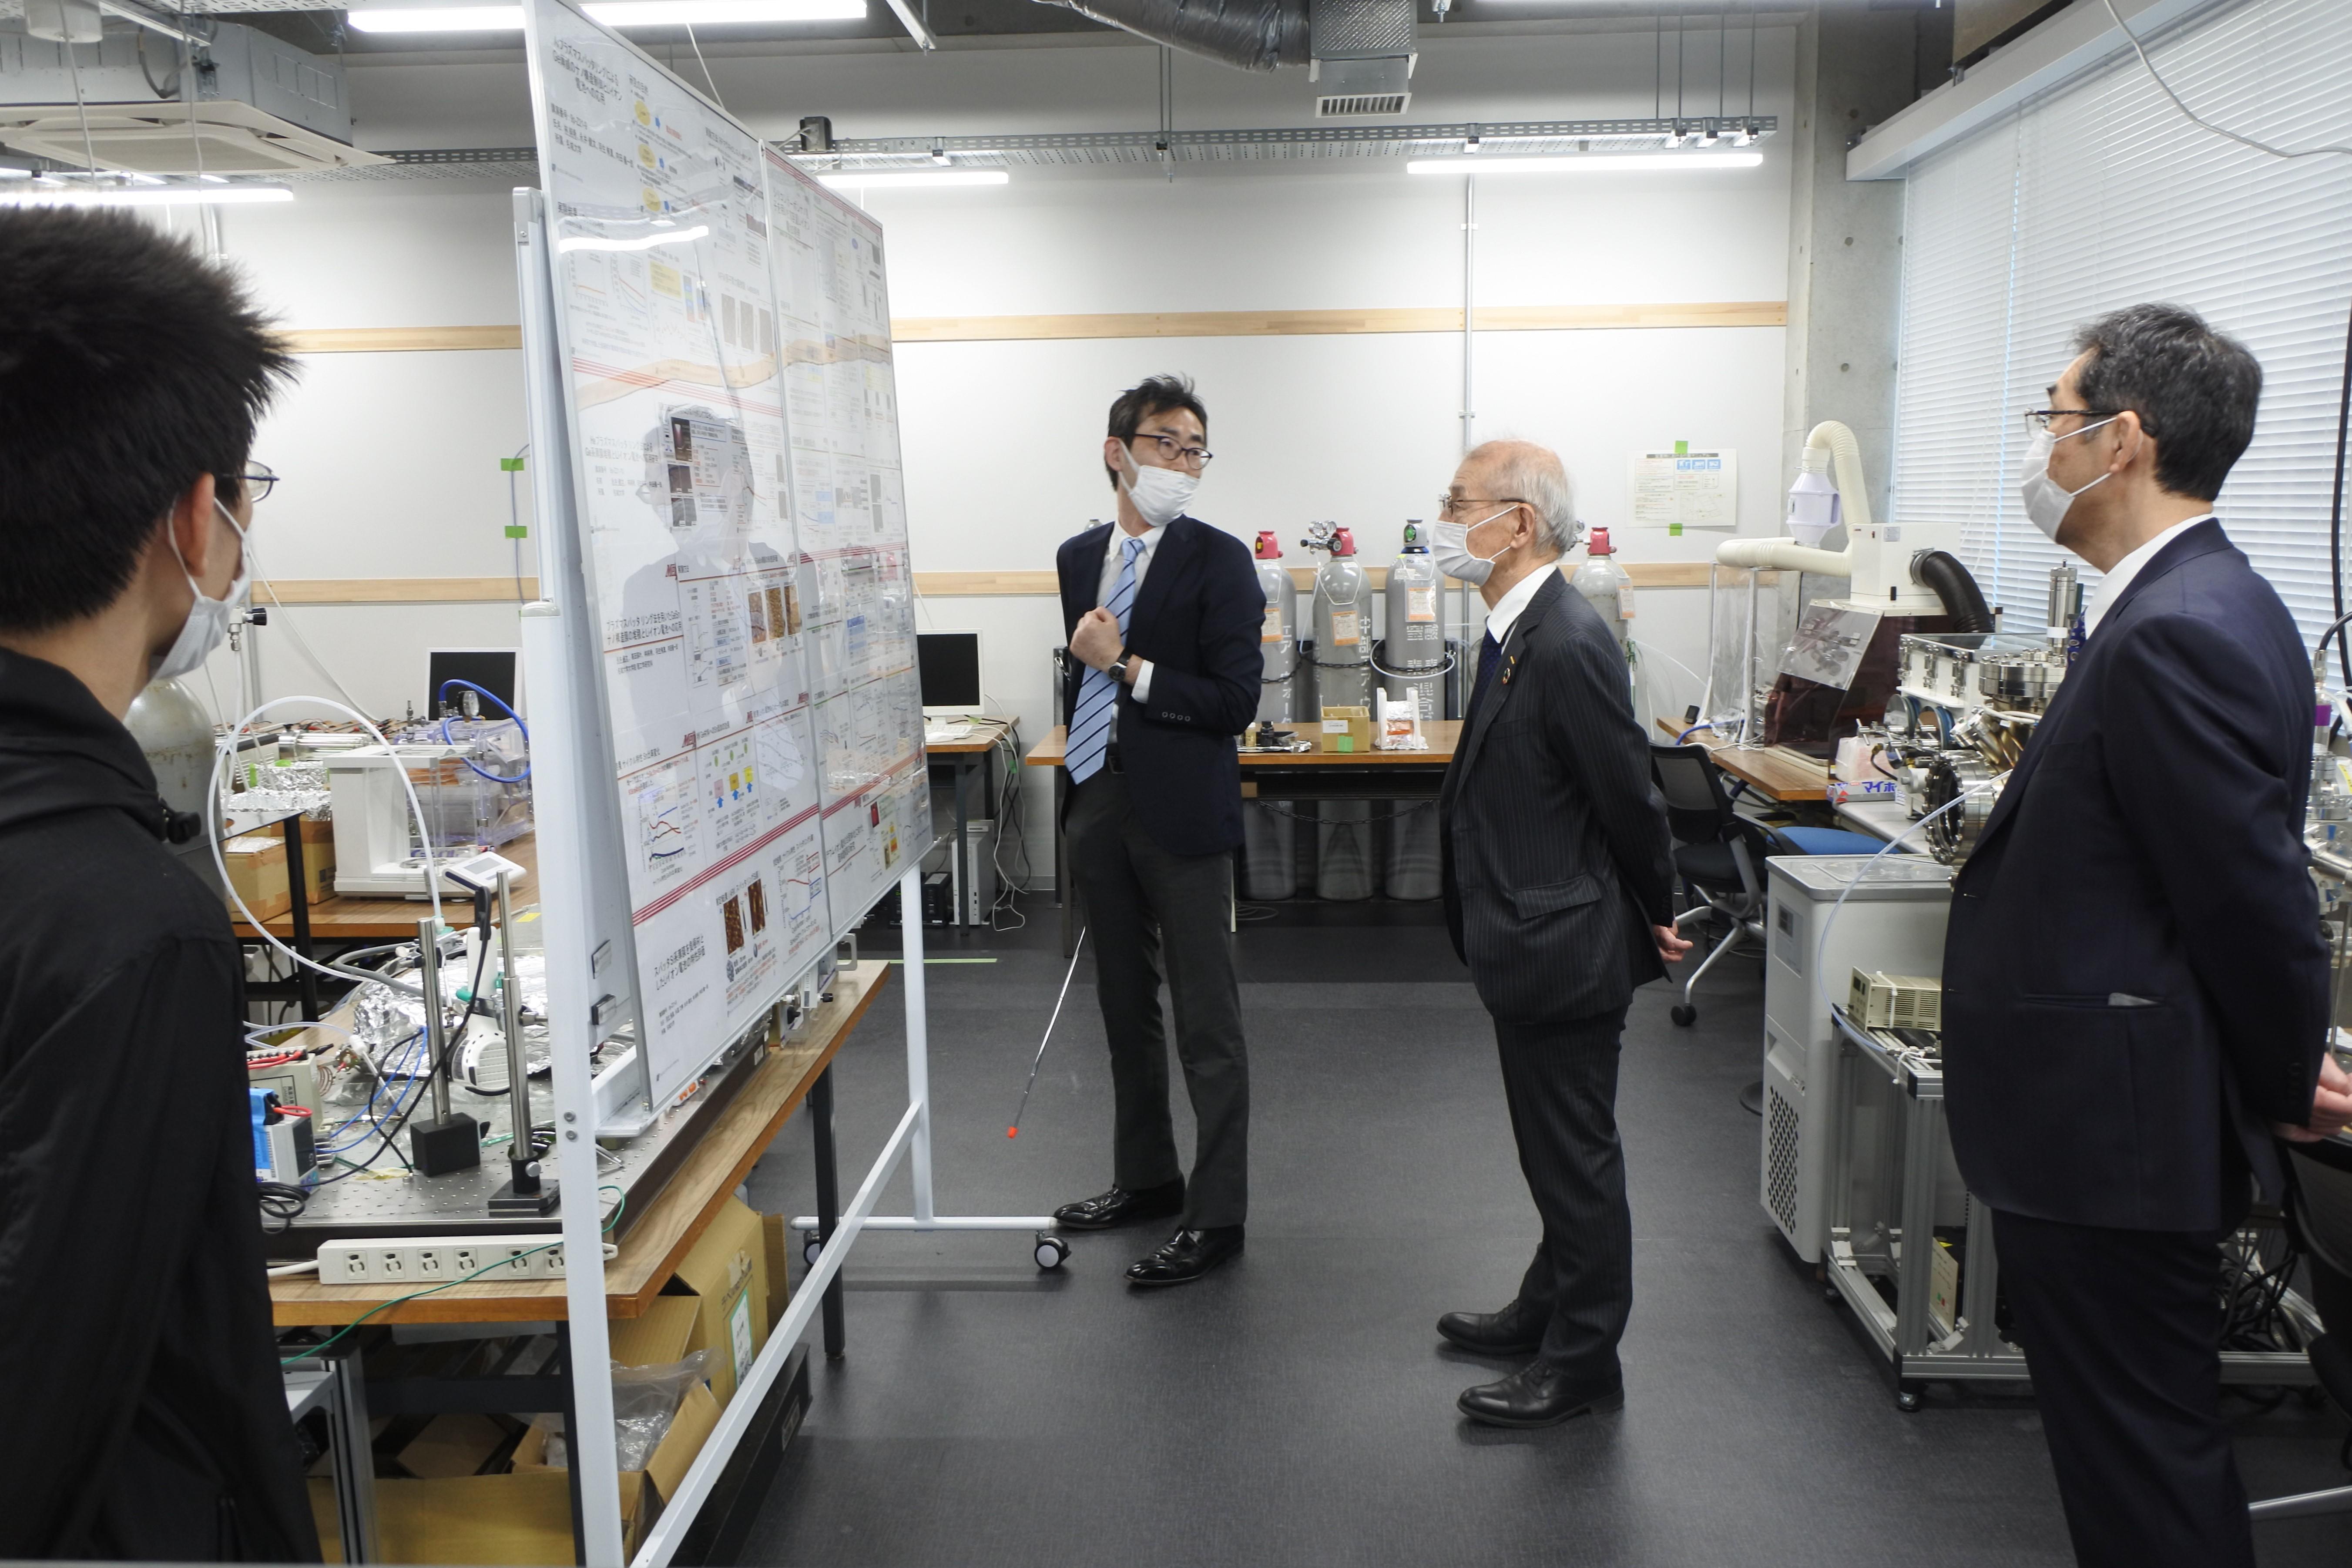 天白キャンパス研究実験棟Ⅲの研究室で理工学部電気電子工学科の内田儀一郎教授(左から2人目)の説明を受ける